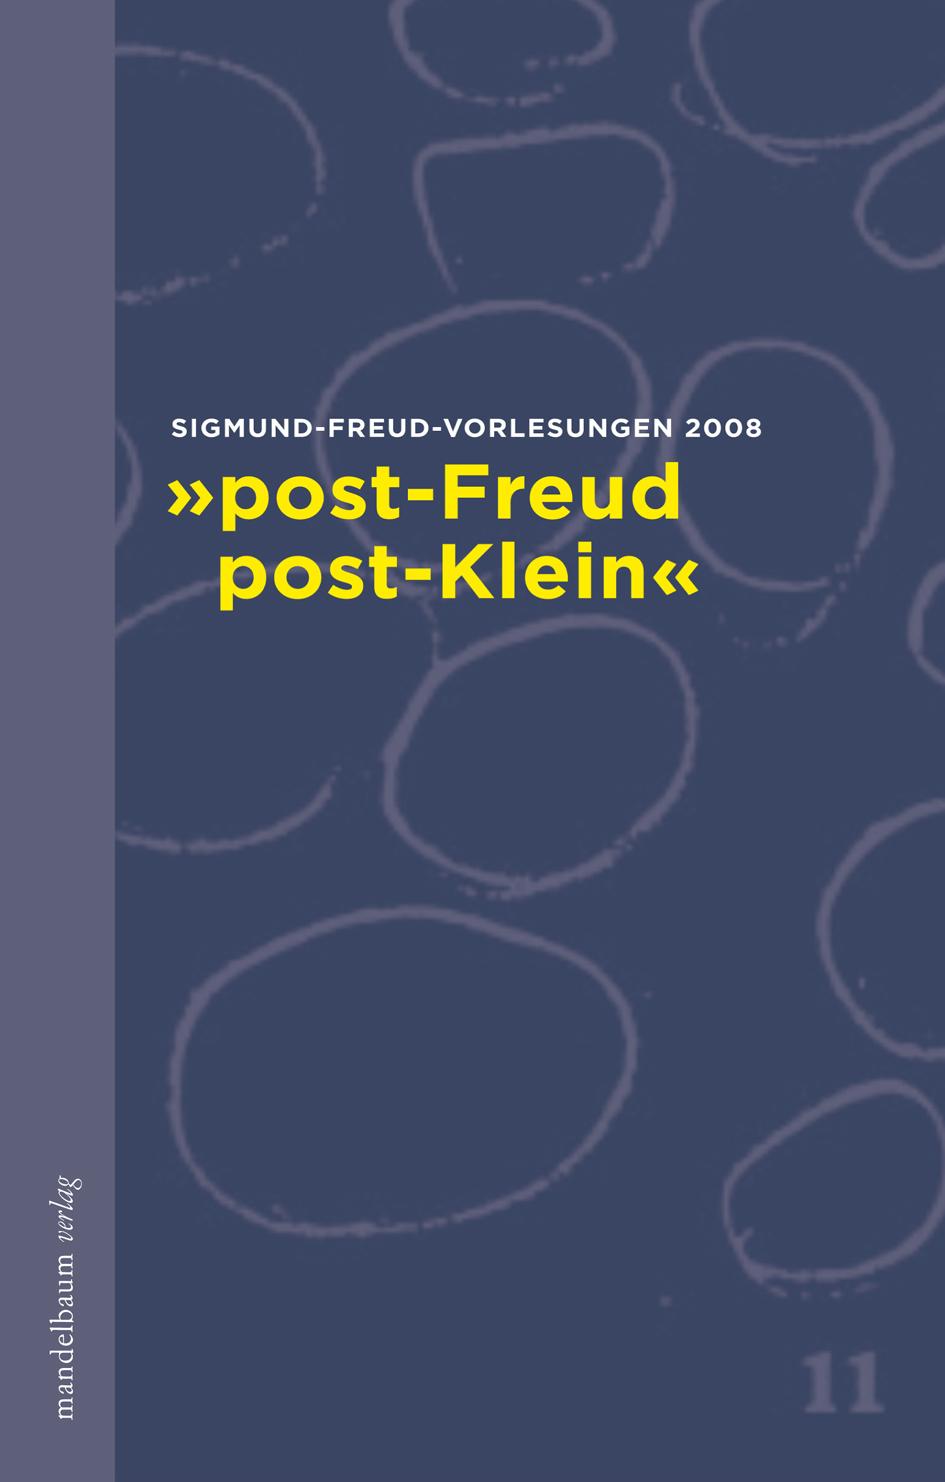 Sigmund-Freud-Vorlesungen